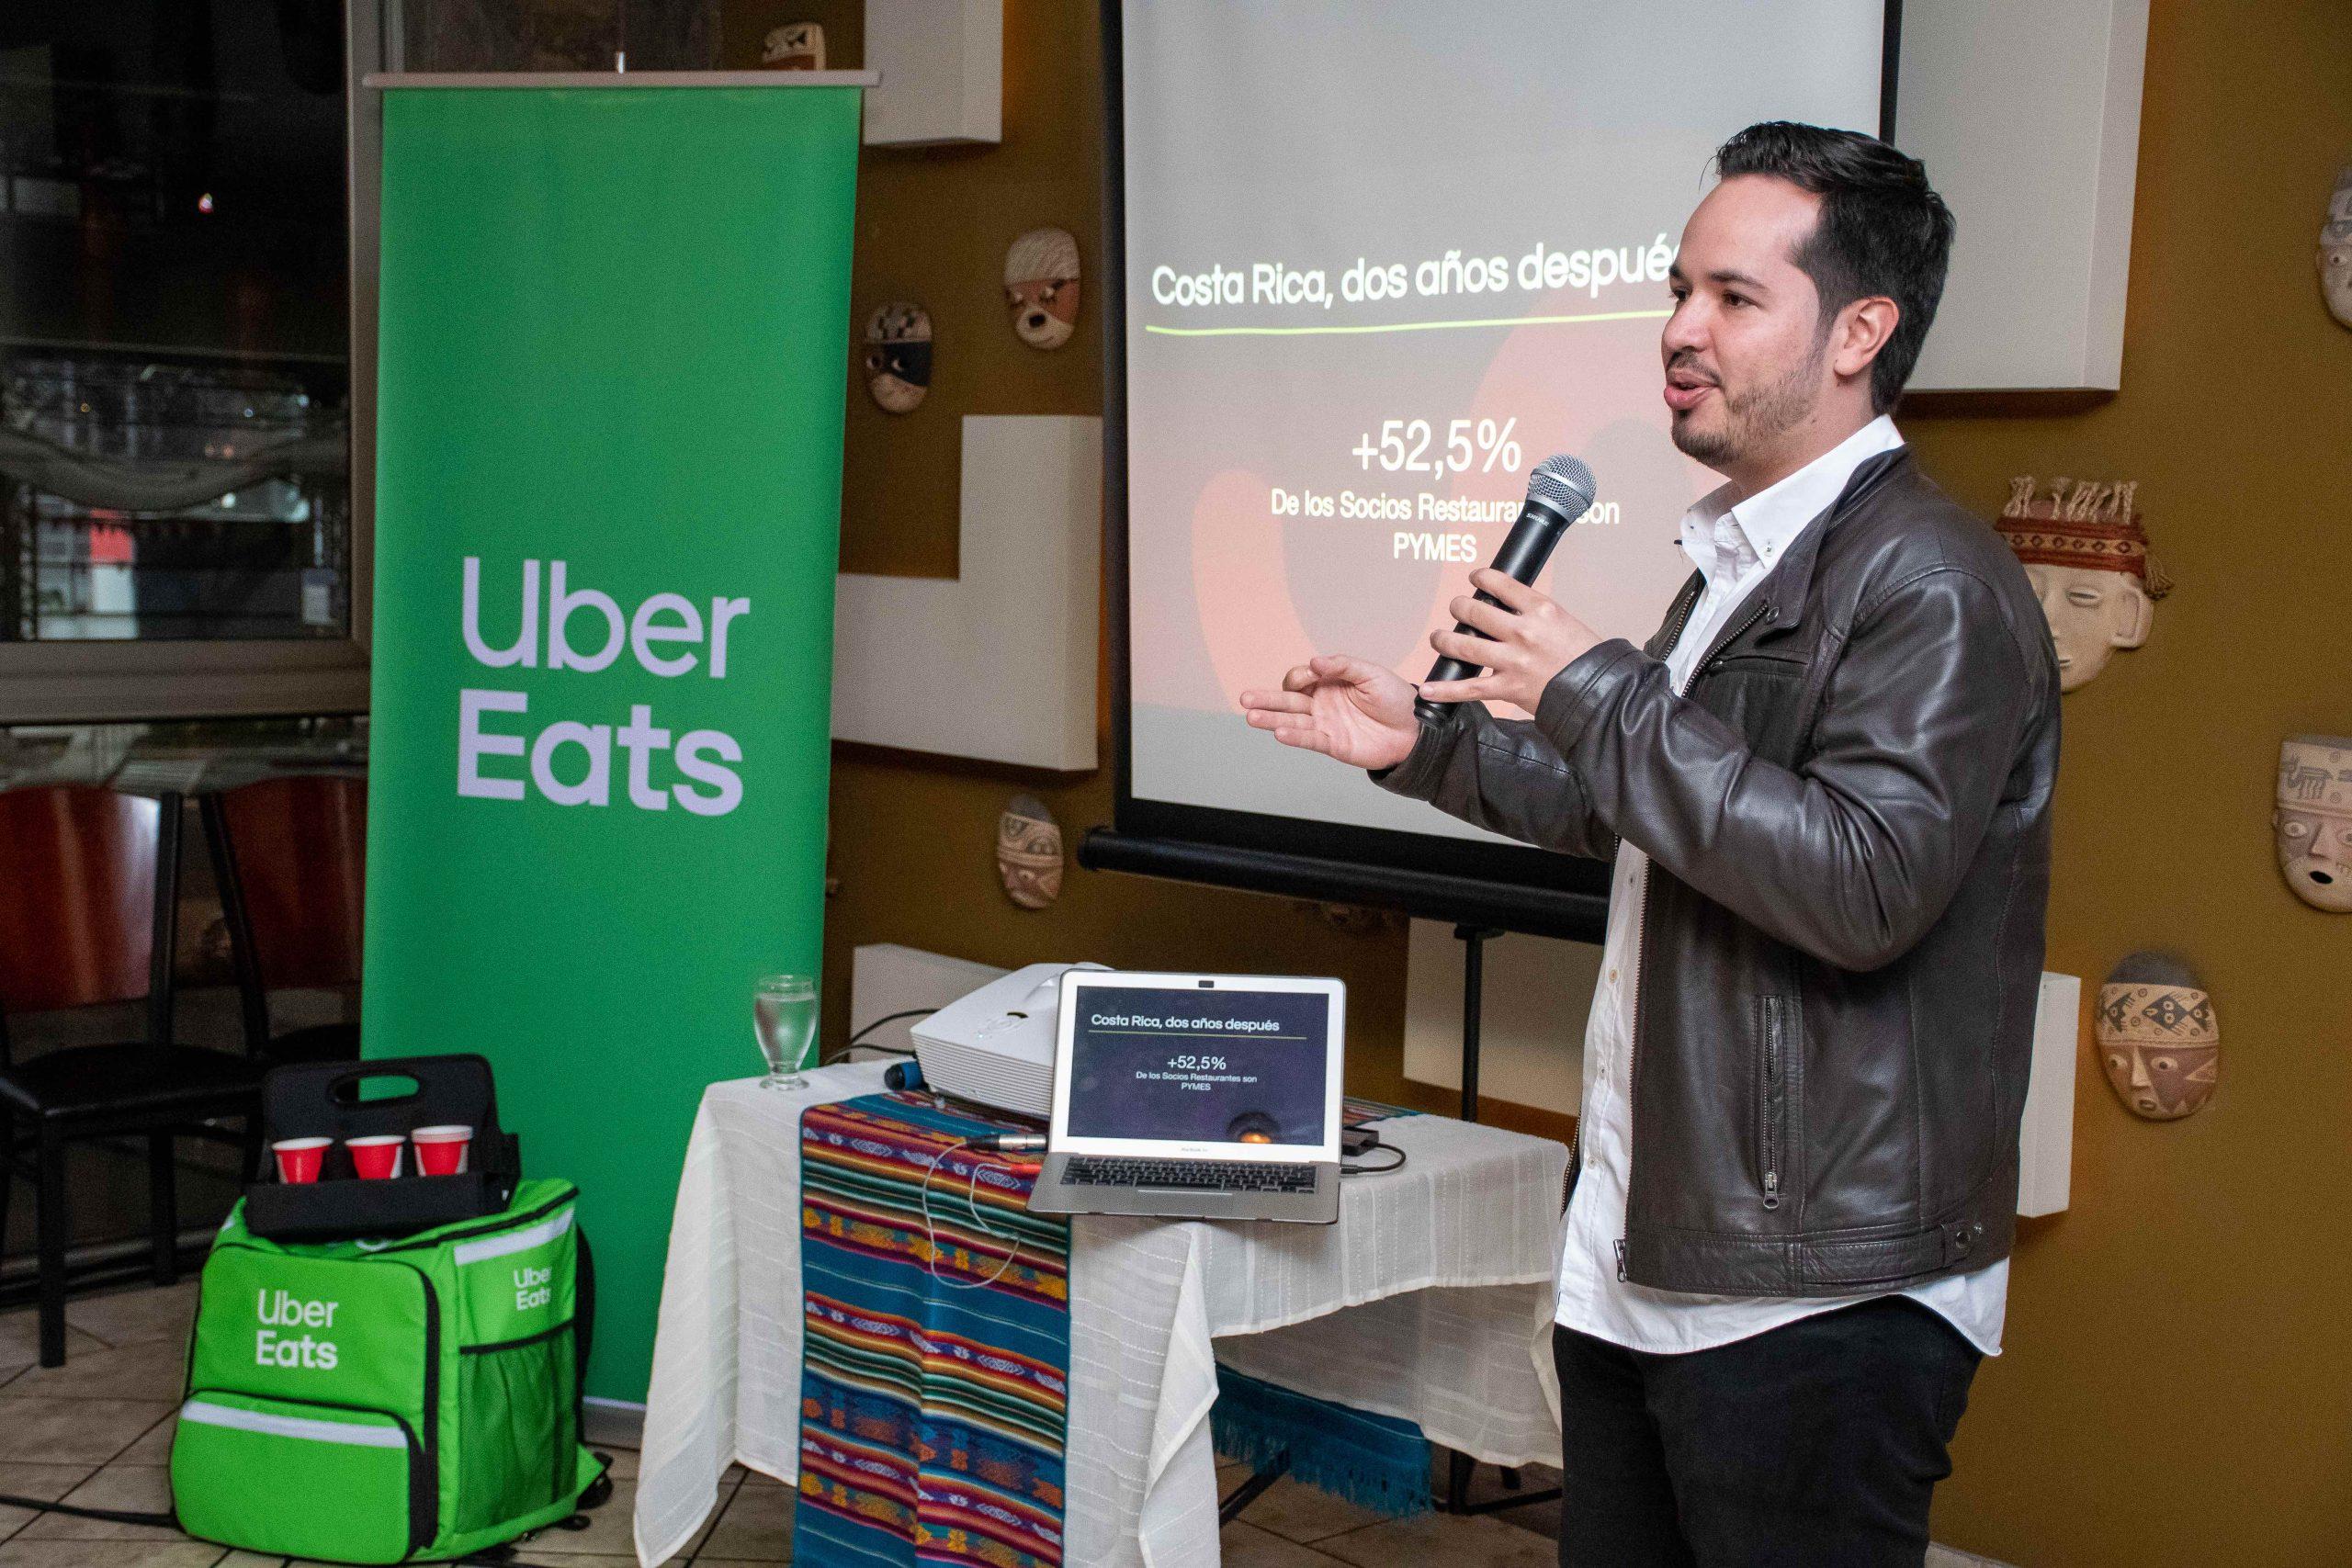 La aplican de entrega de comida a domicilio celebró su segundo aniversario en Costa Rica. Foto Cortesía